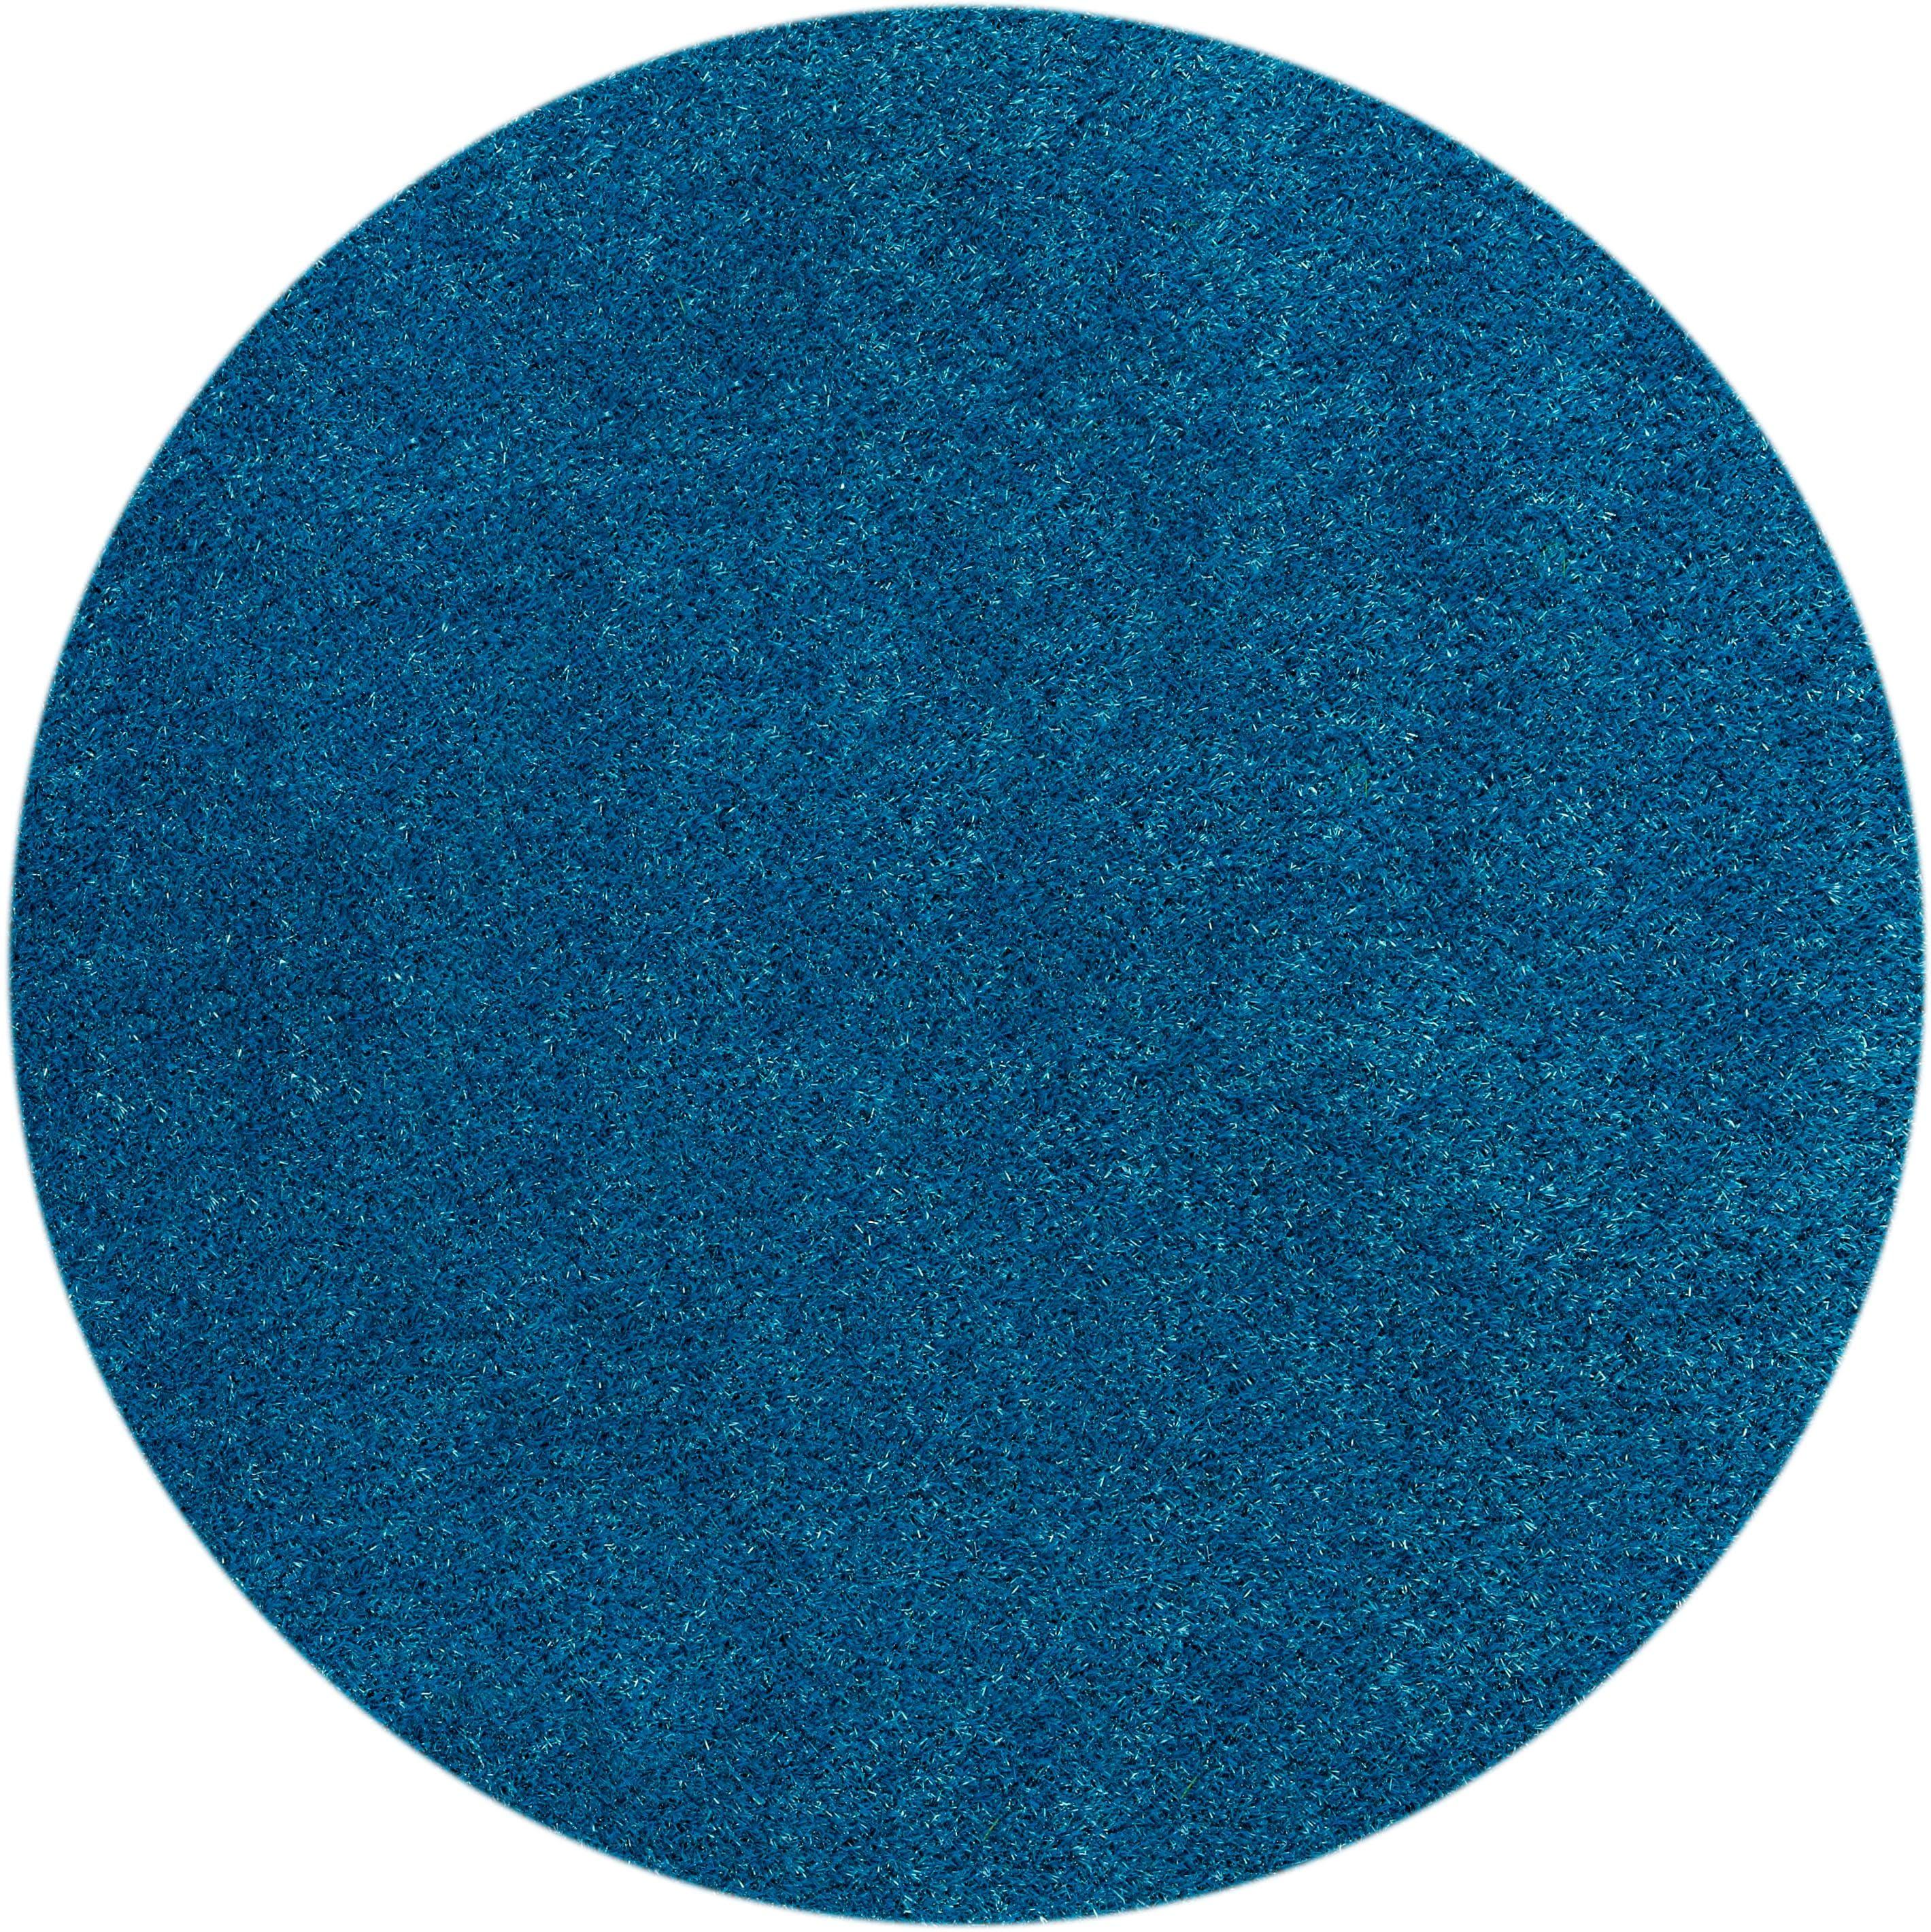 Teppich Miami Style Barbara Becker rund Höhe 23 mm handgetuftet